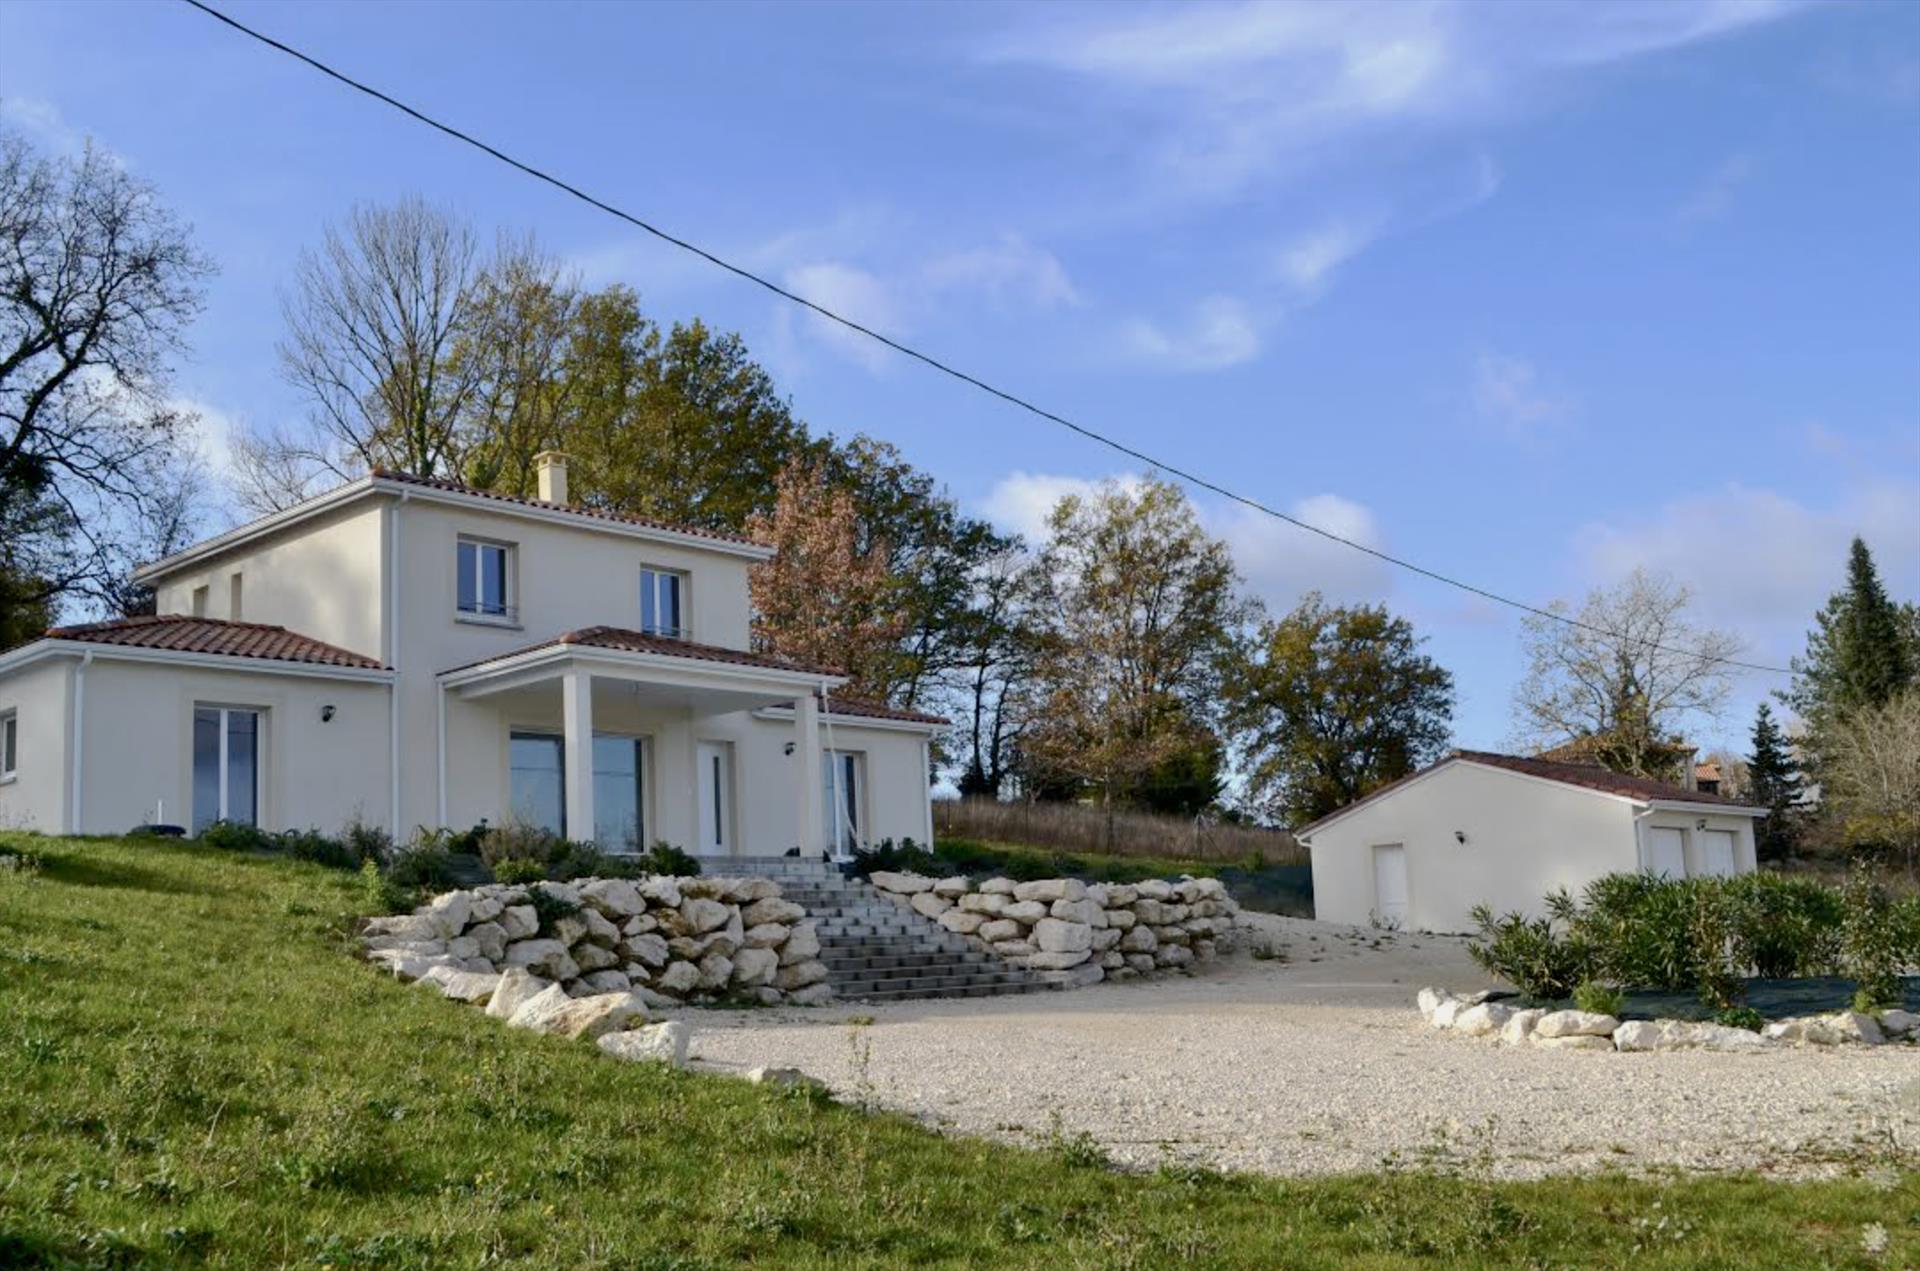 Garo,Ferienhaus  mit privatem Pool in Pujols, Aquitaine, Frankreich für 9 Personen...